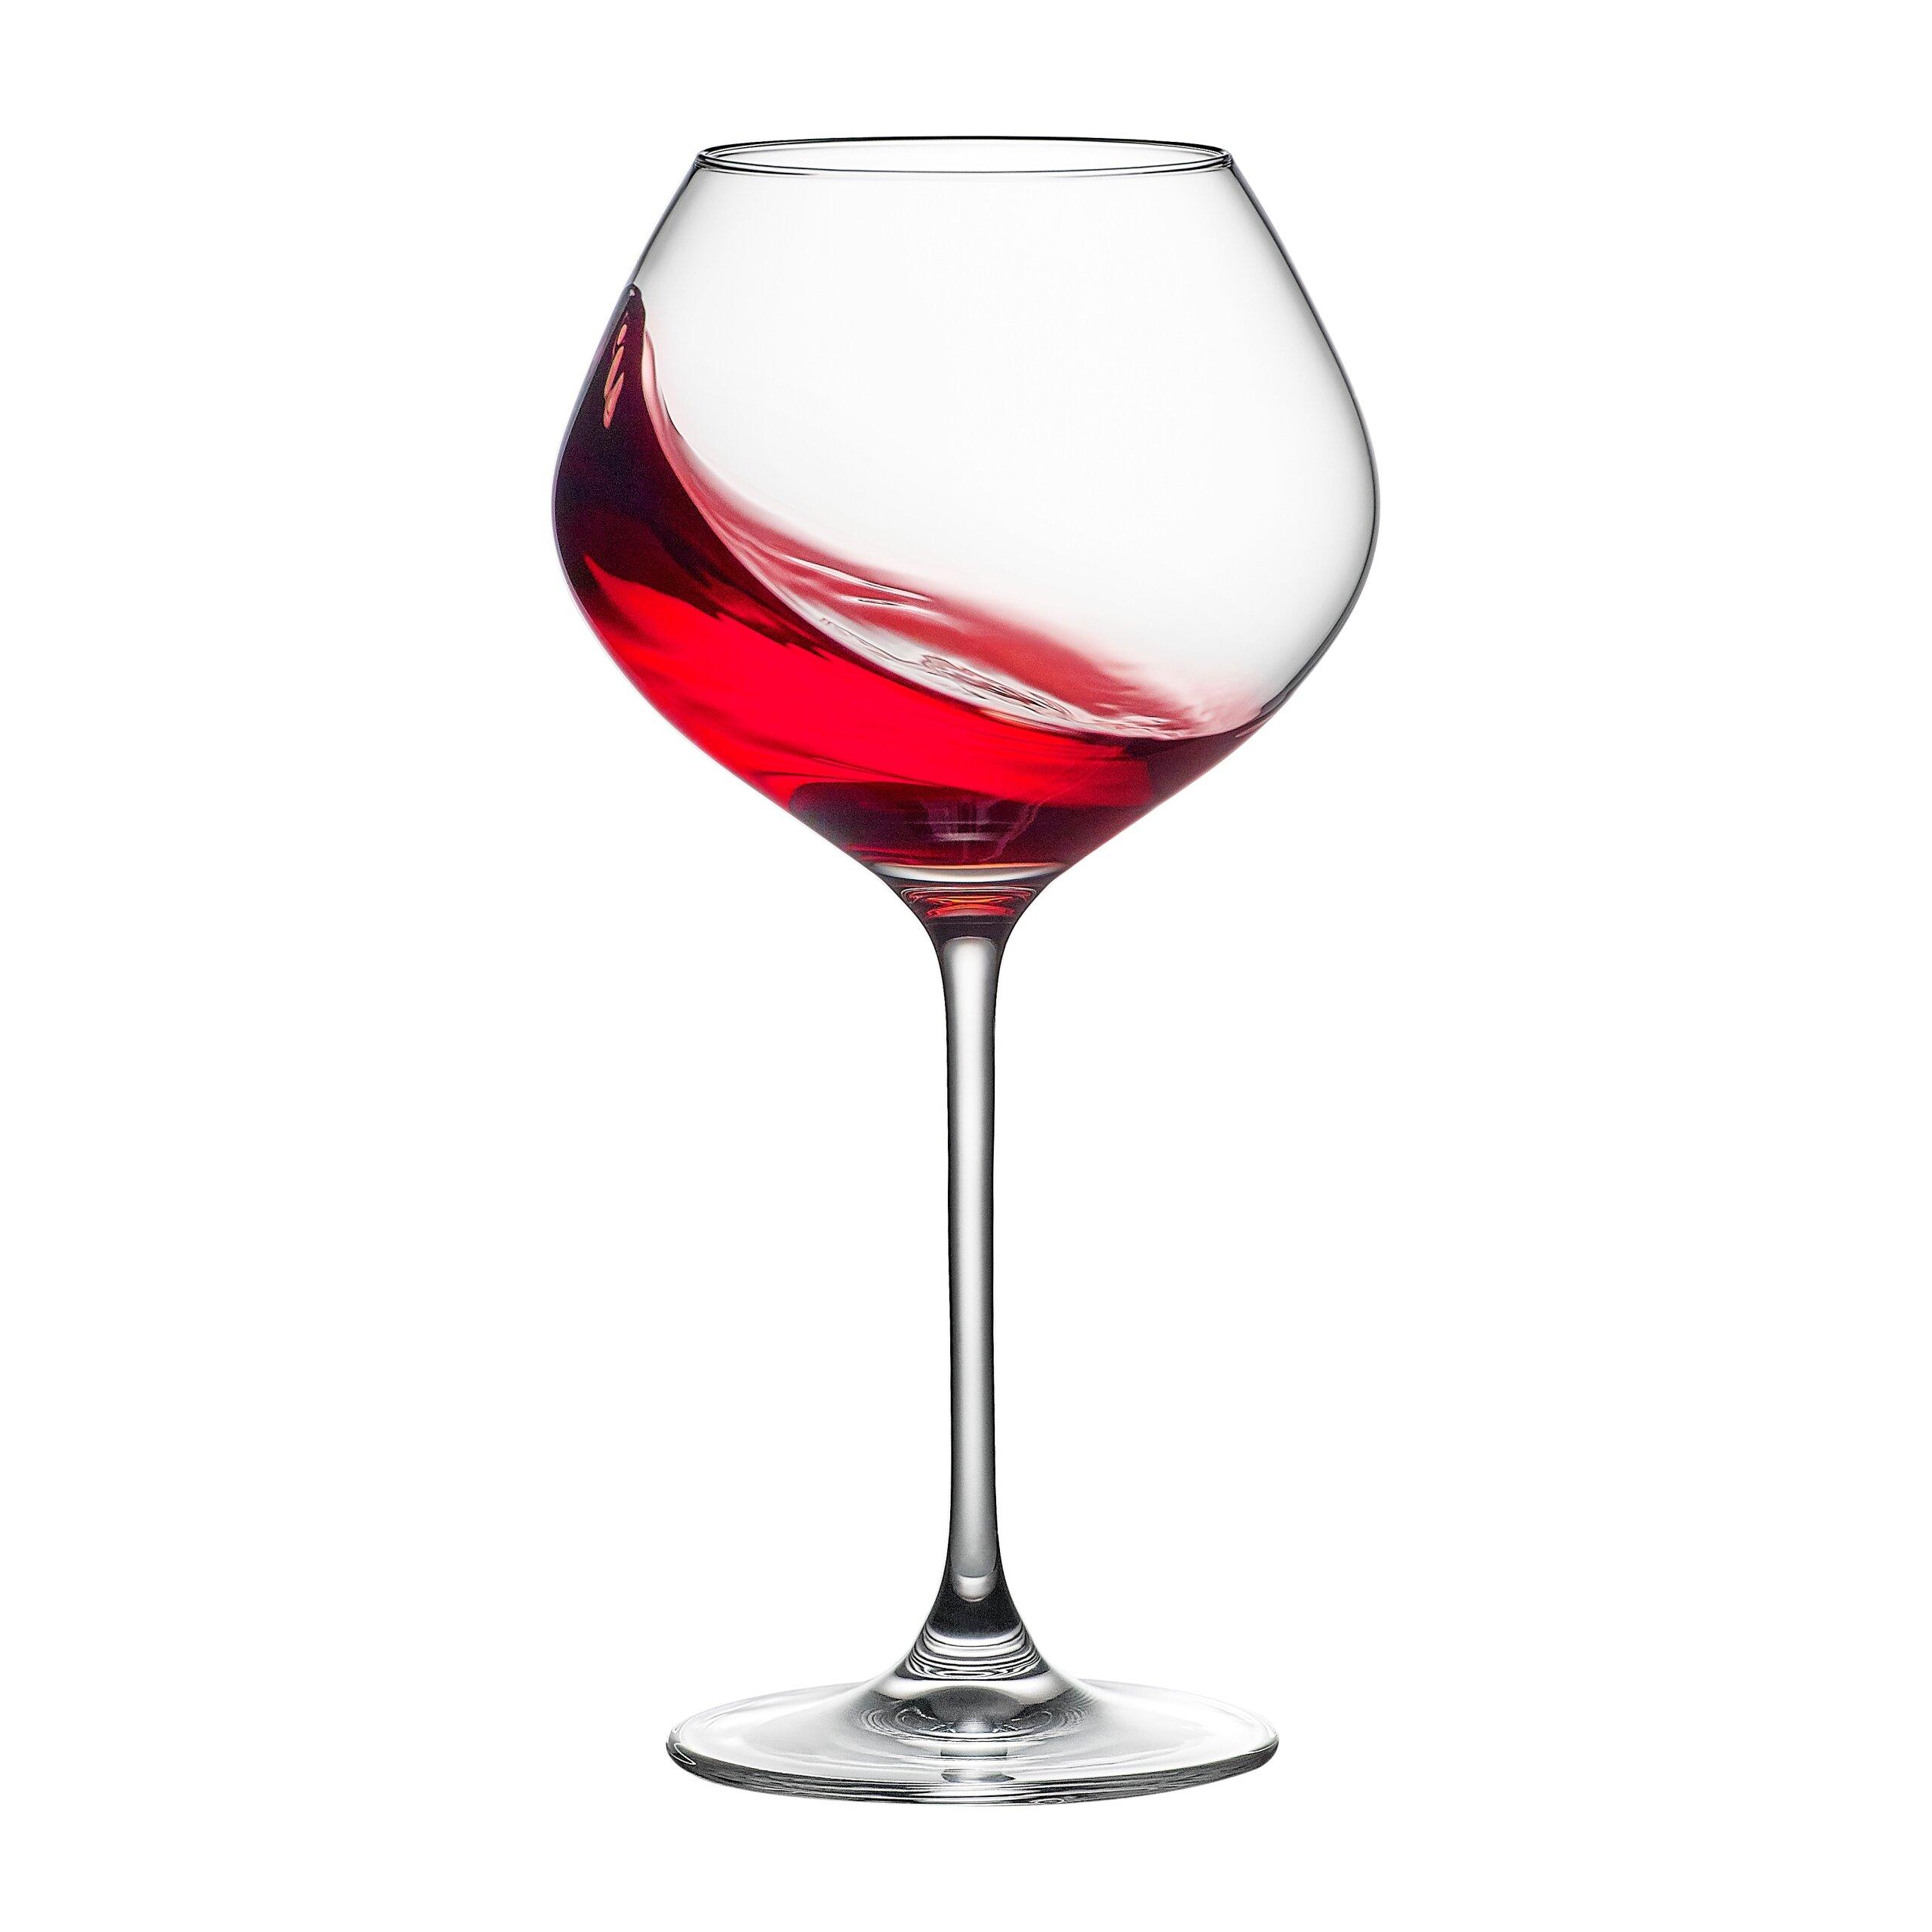 Rona Celebration 76 Burgundy 26 Oz Crystal Red Wine Glass Wayfair